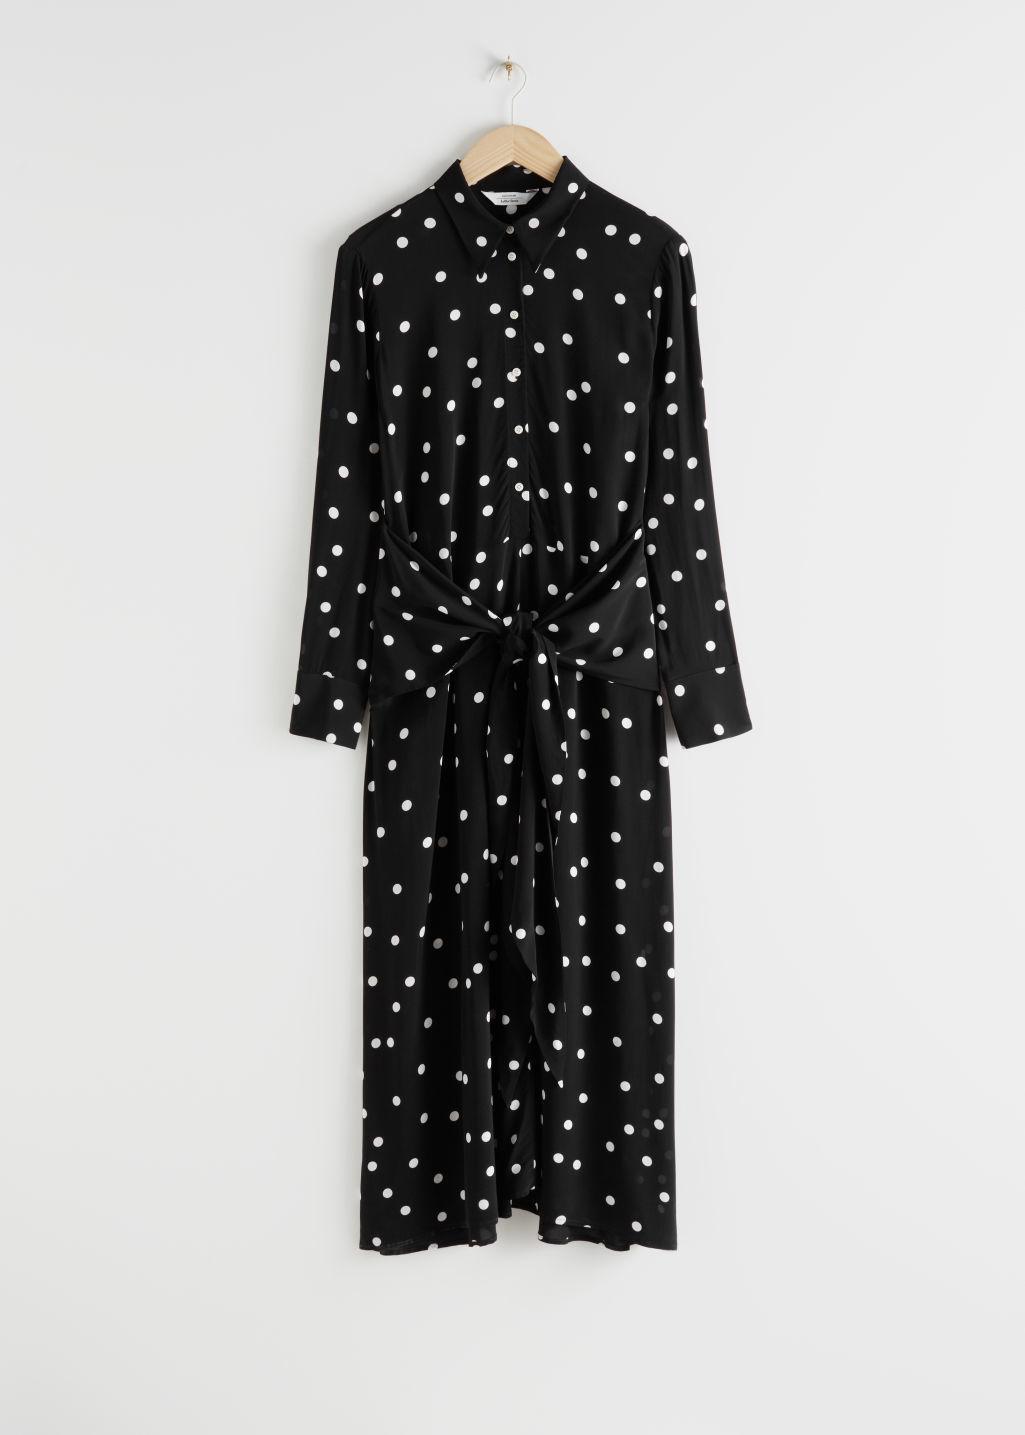 Vestido camisero de & Other Stories (99 euros).